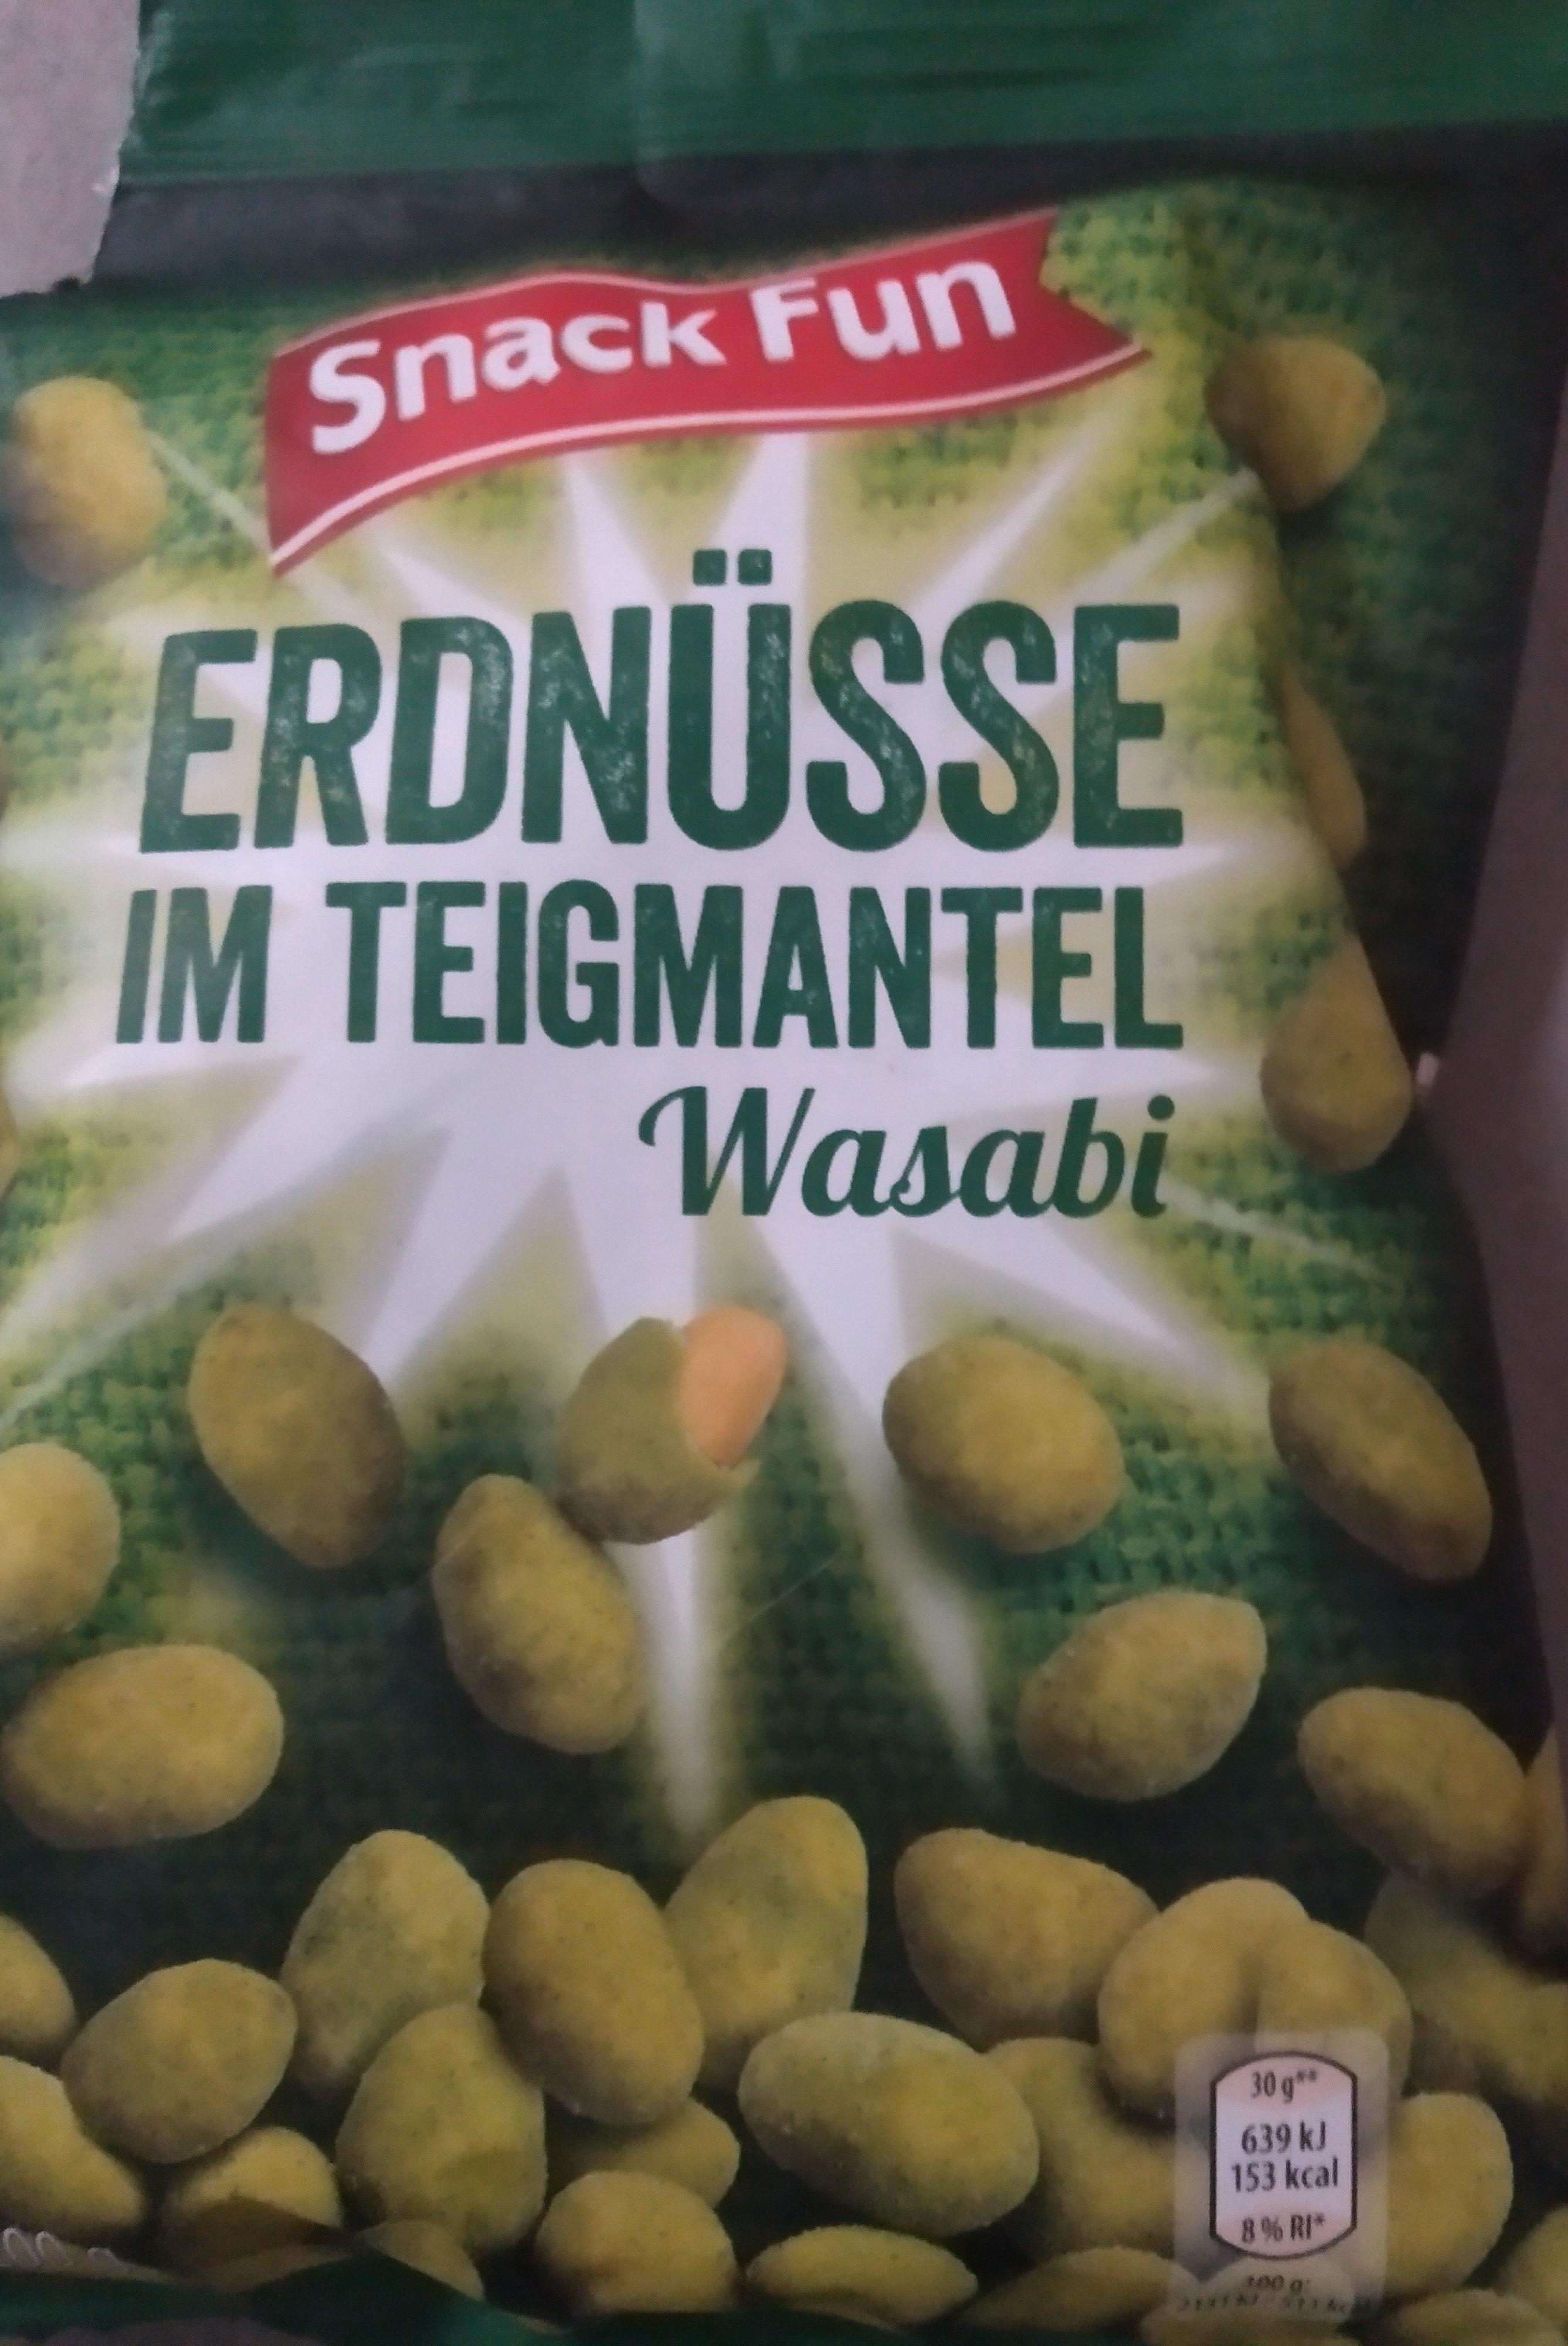 Cacahuètes enrobées de Wasabi - Product